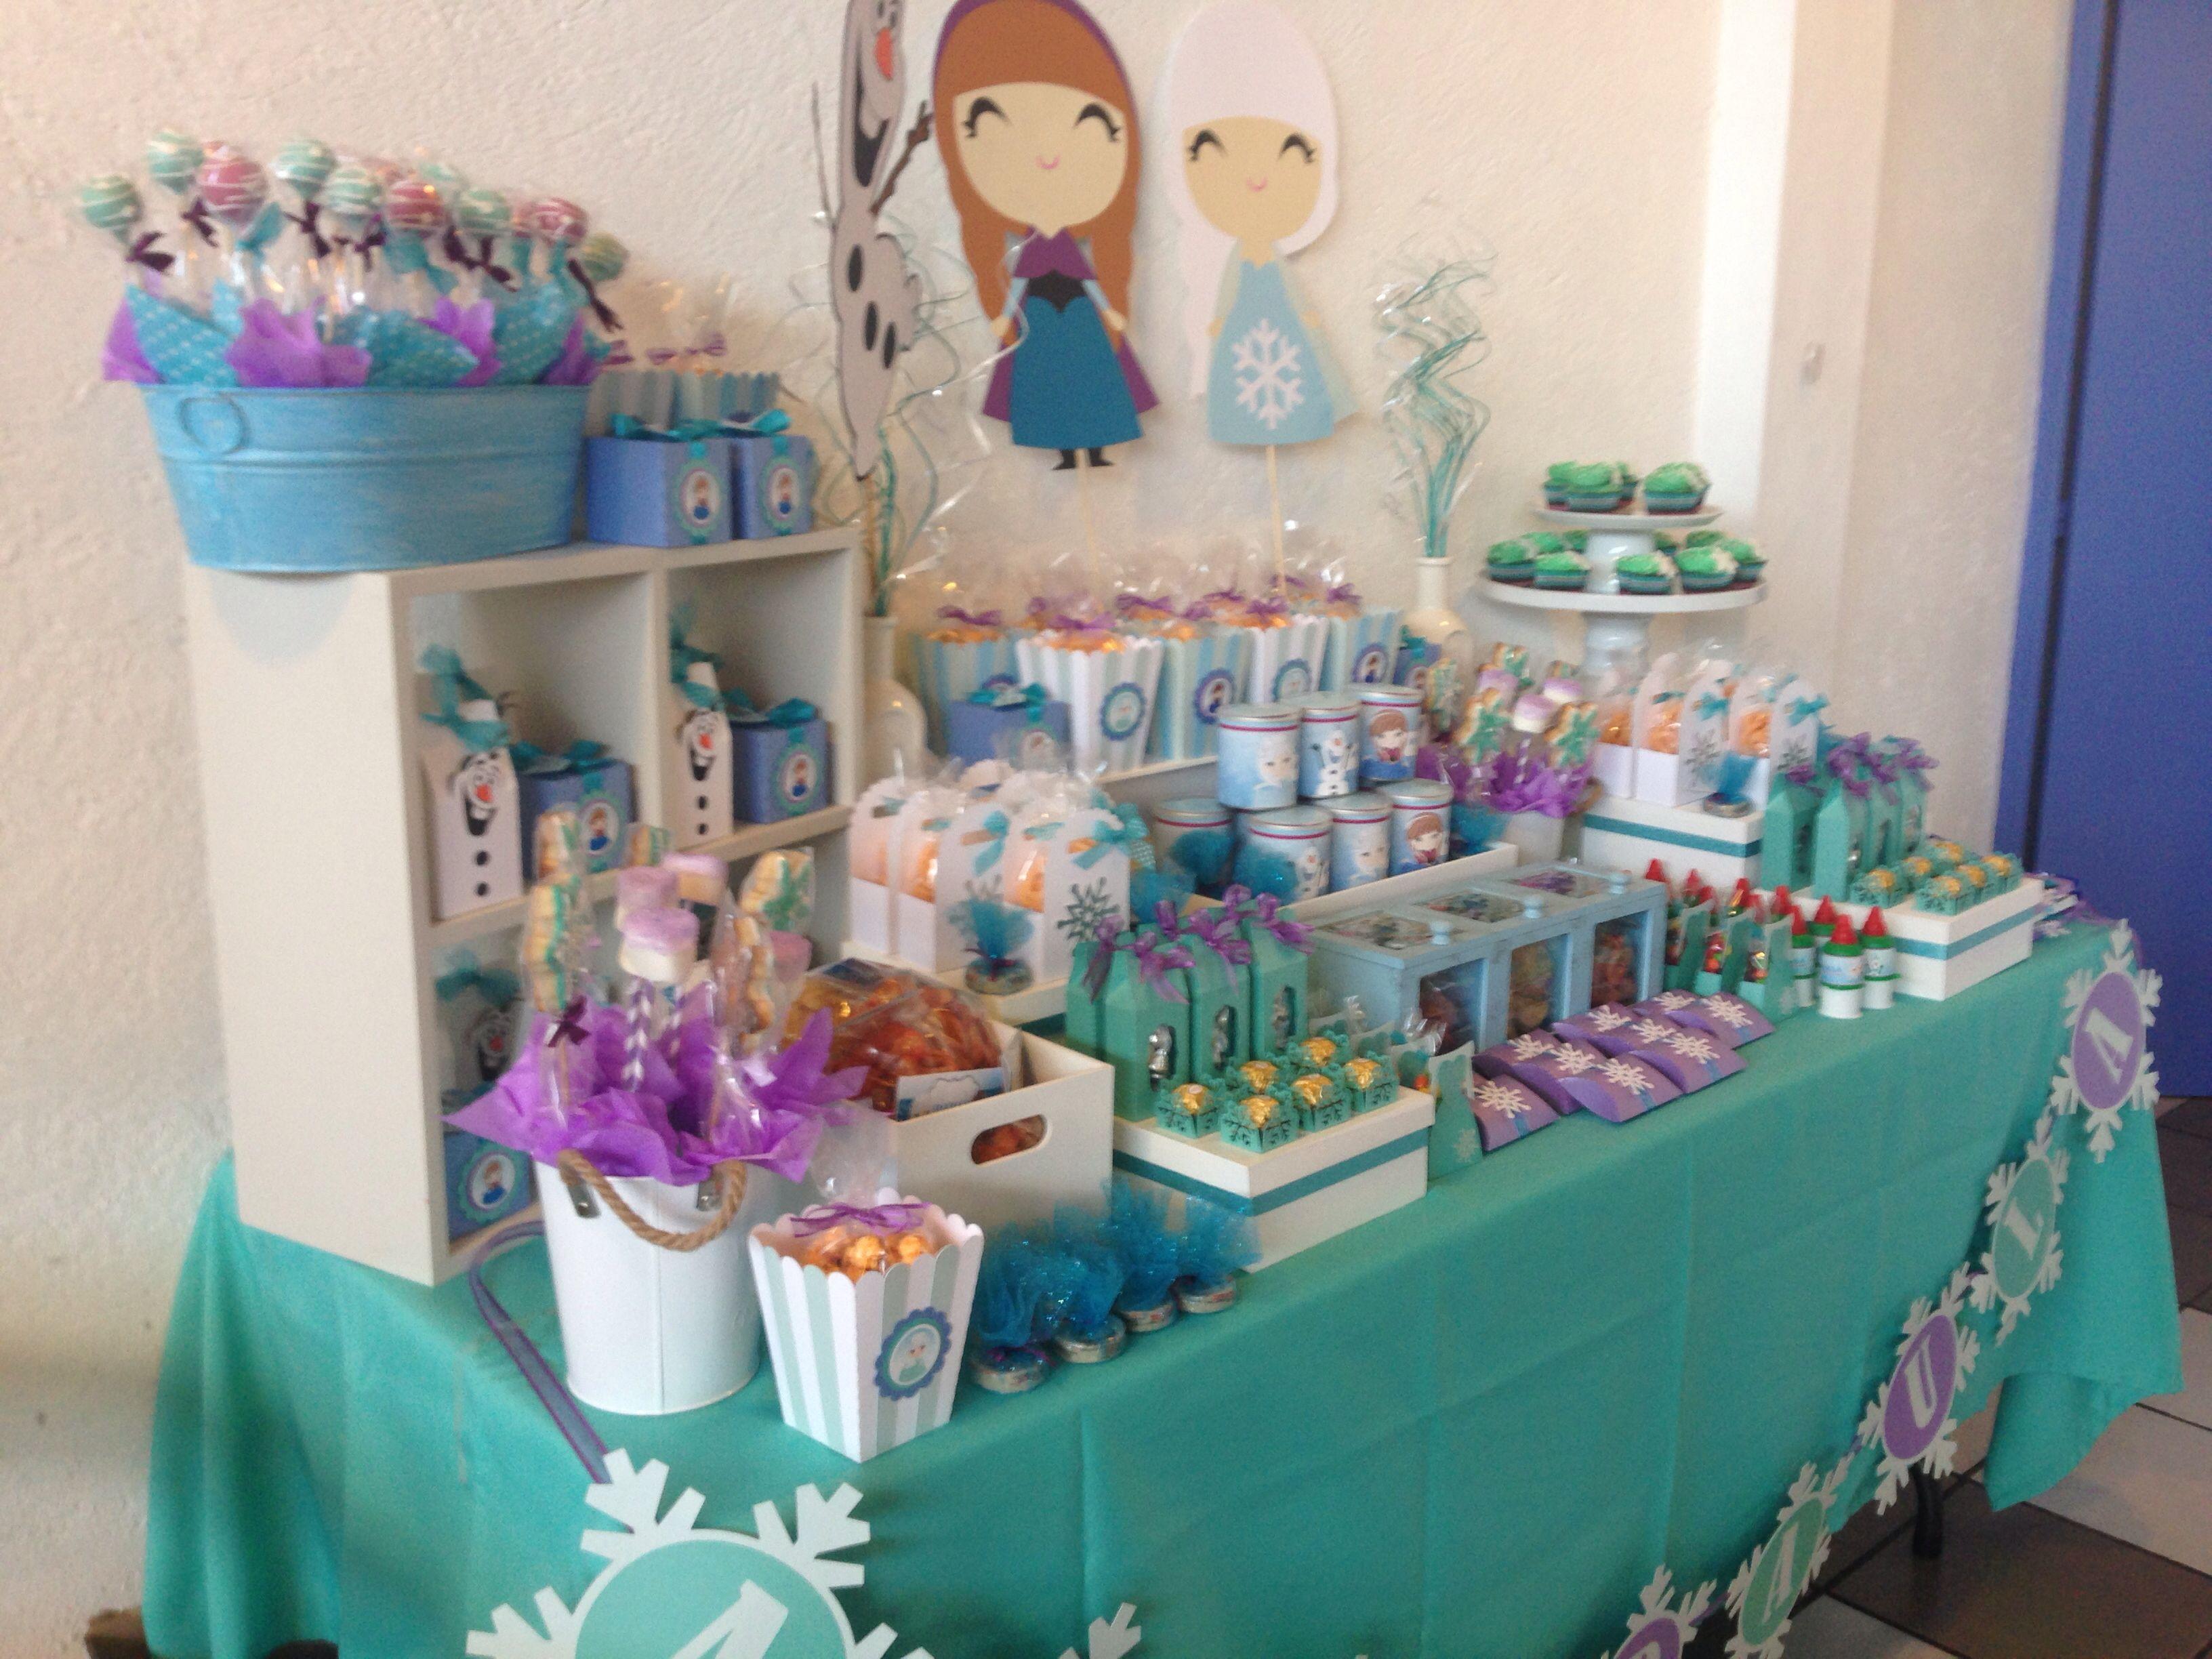 Mesa de dulces frozen dulces mesa dulce frozen mesa for Decoracion de mesas dulces infantiles